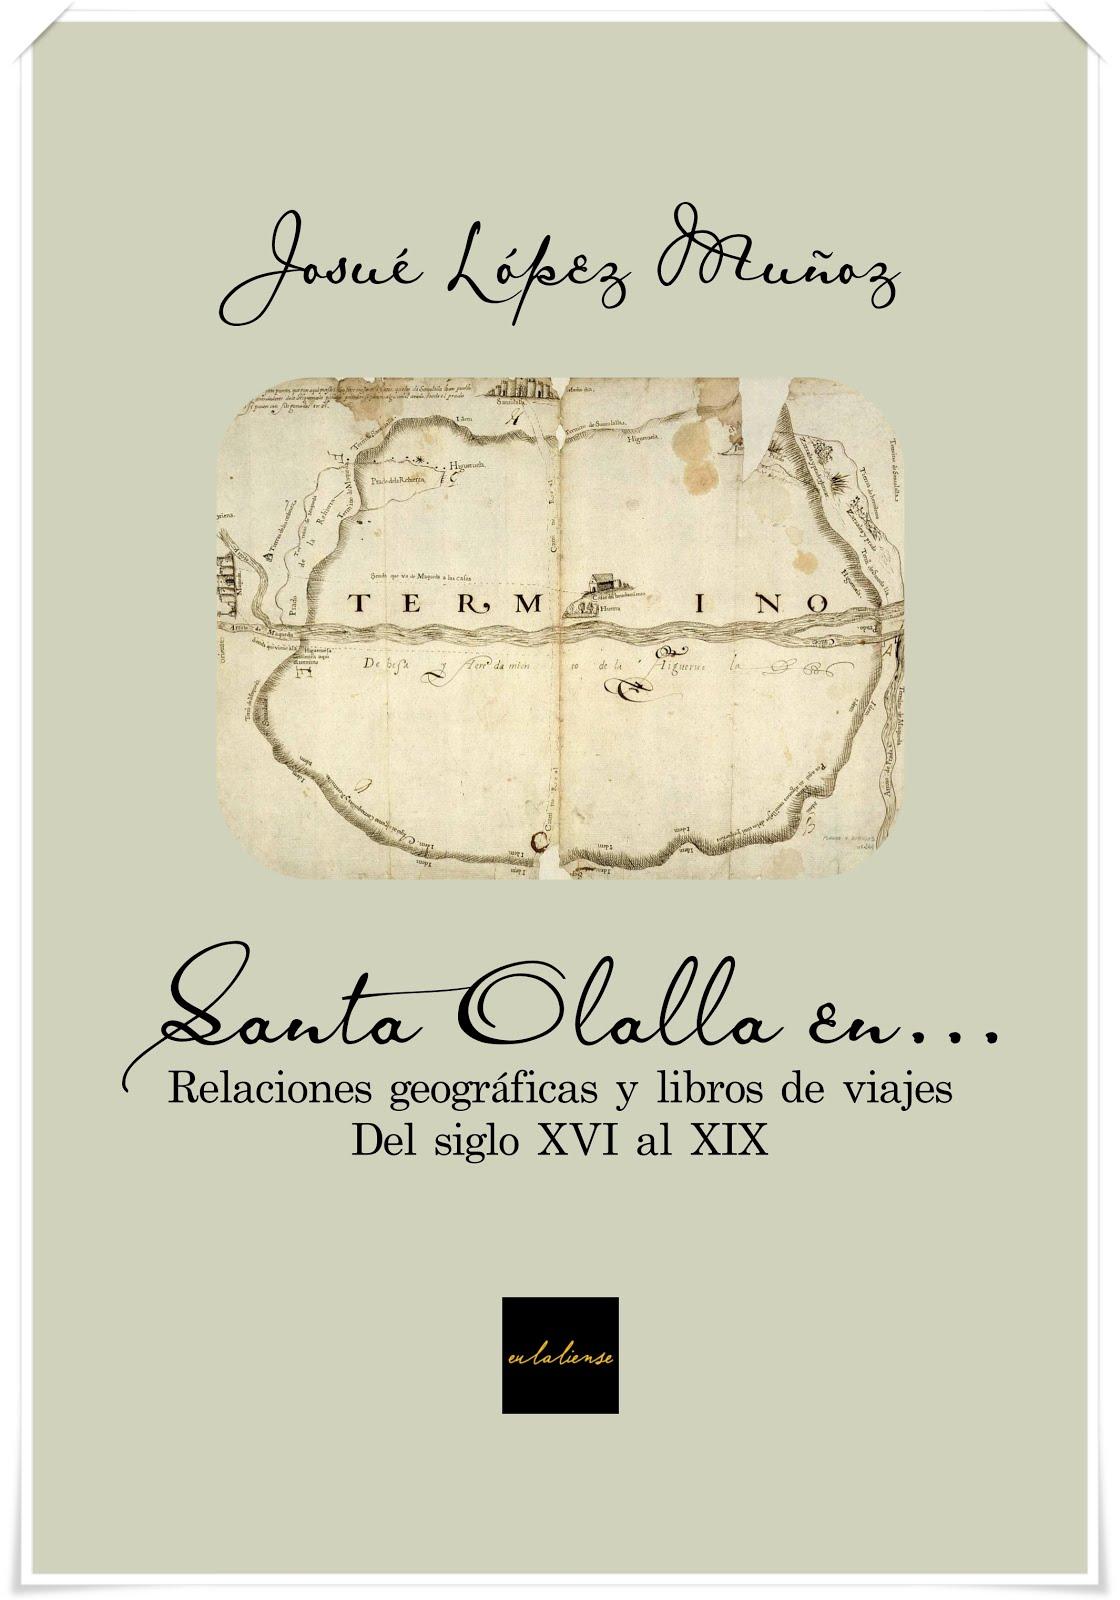 """Publicaciones: """"Santa Olalla en..."""""""